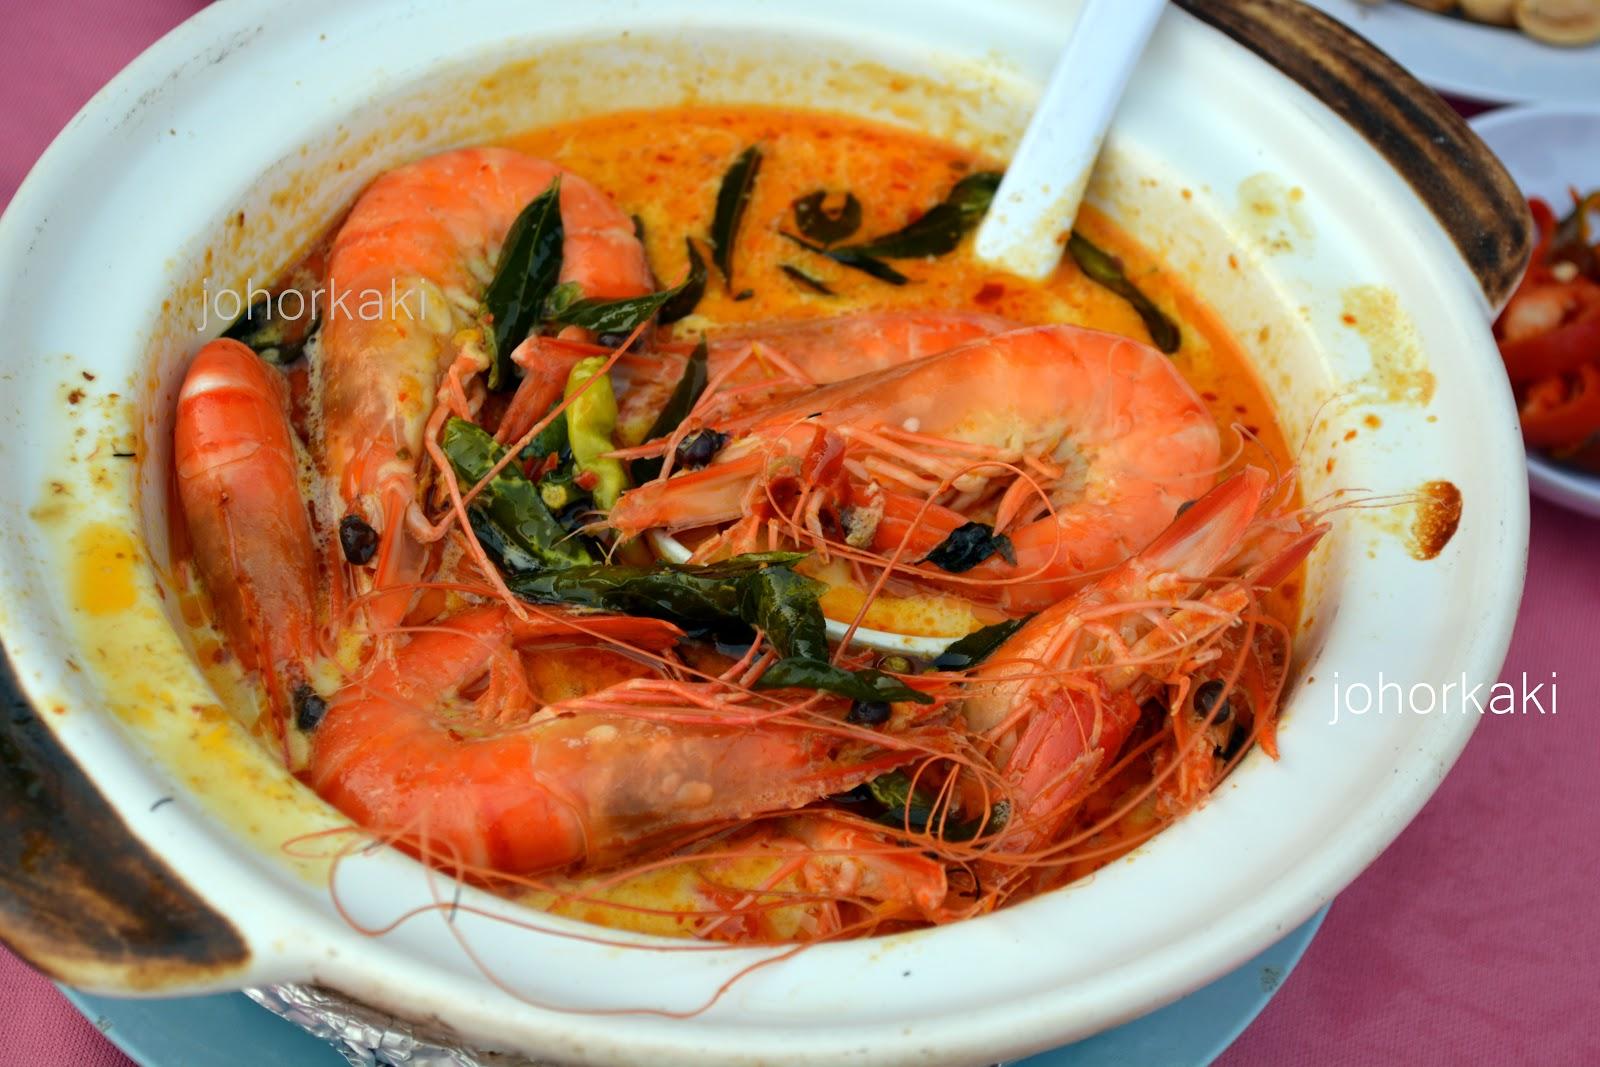 Johor Seafood at Restoran Todak in Telok Jawa, Masai, Johor Bahru |joHoR kAki FooD & TRAvEL